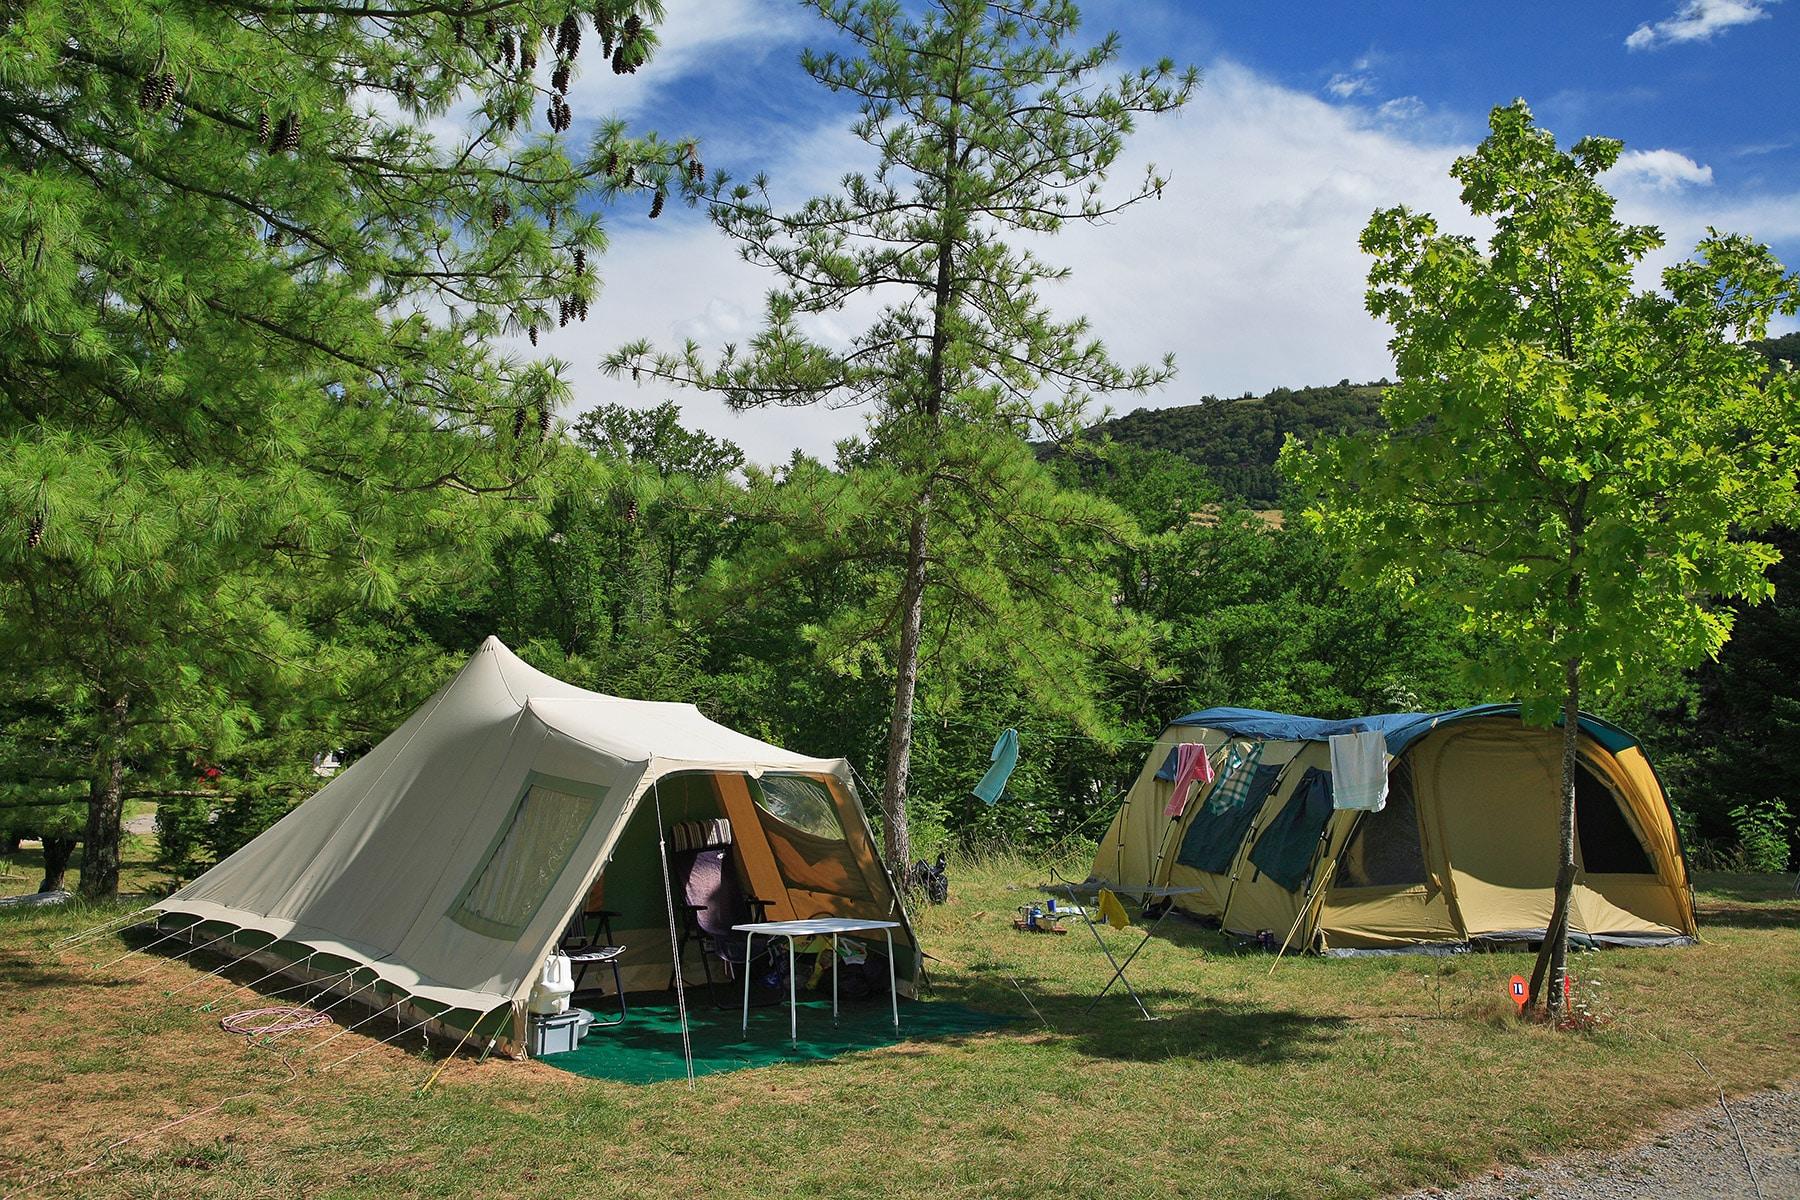 En Gerekli Kamp Malzemeleri